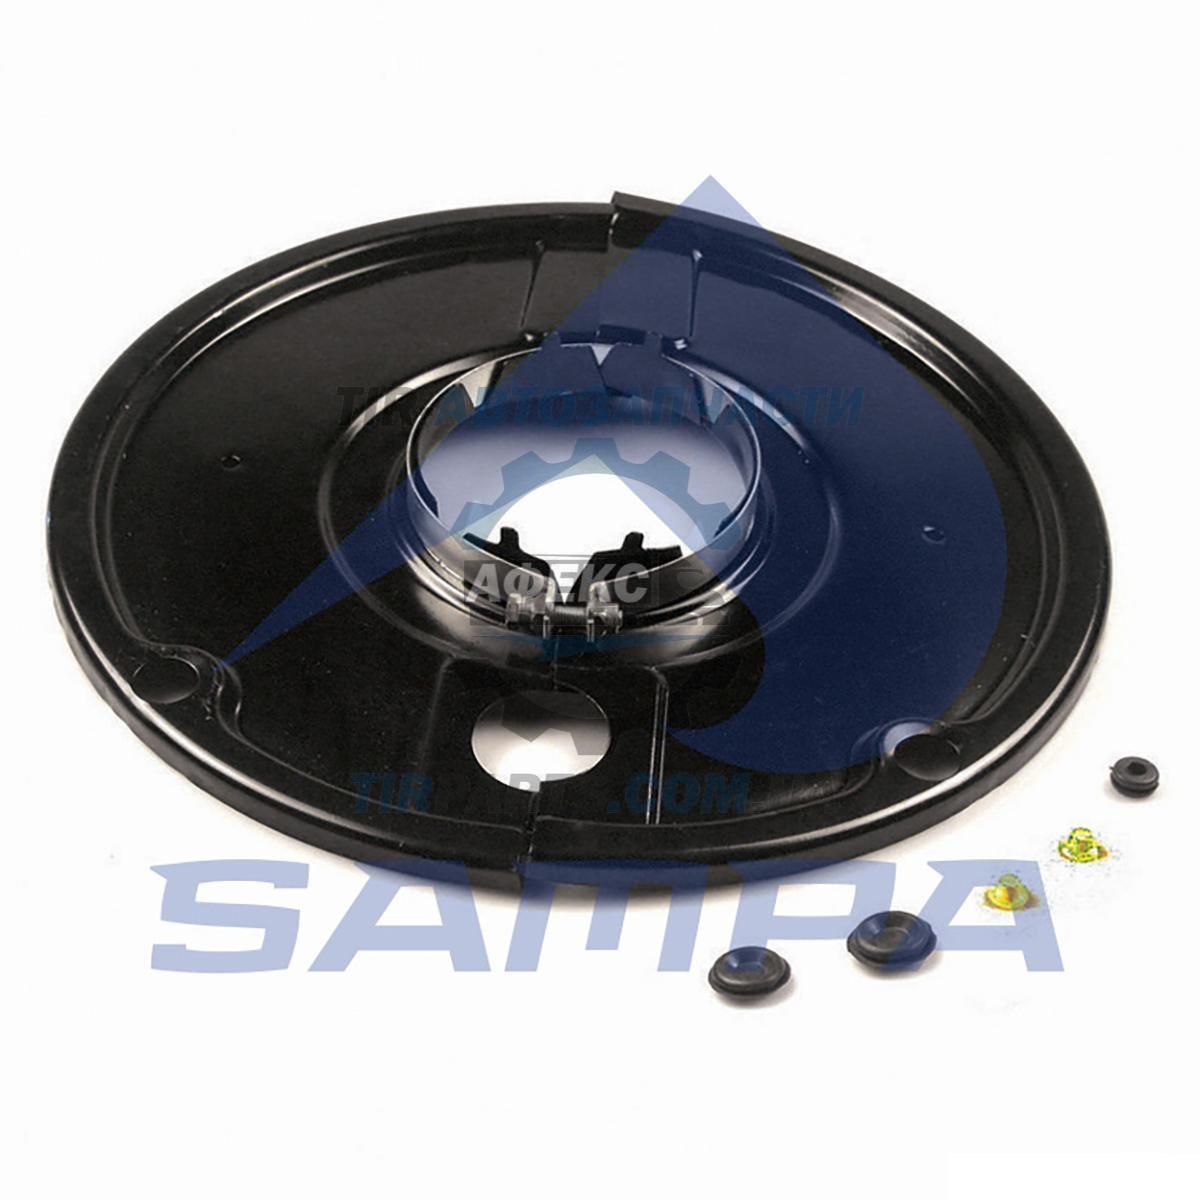 Пыльники(защита) тормозного барабана на ось с хомутом 145*452*31 круглое отверстие для SAF SKRS 9042 c 92 по